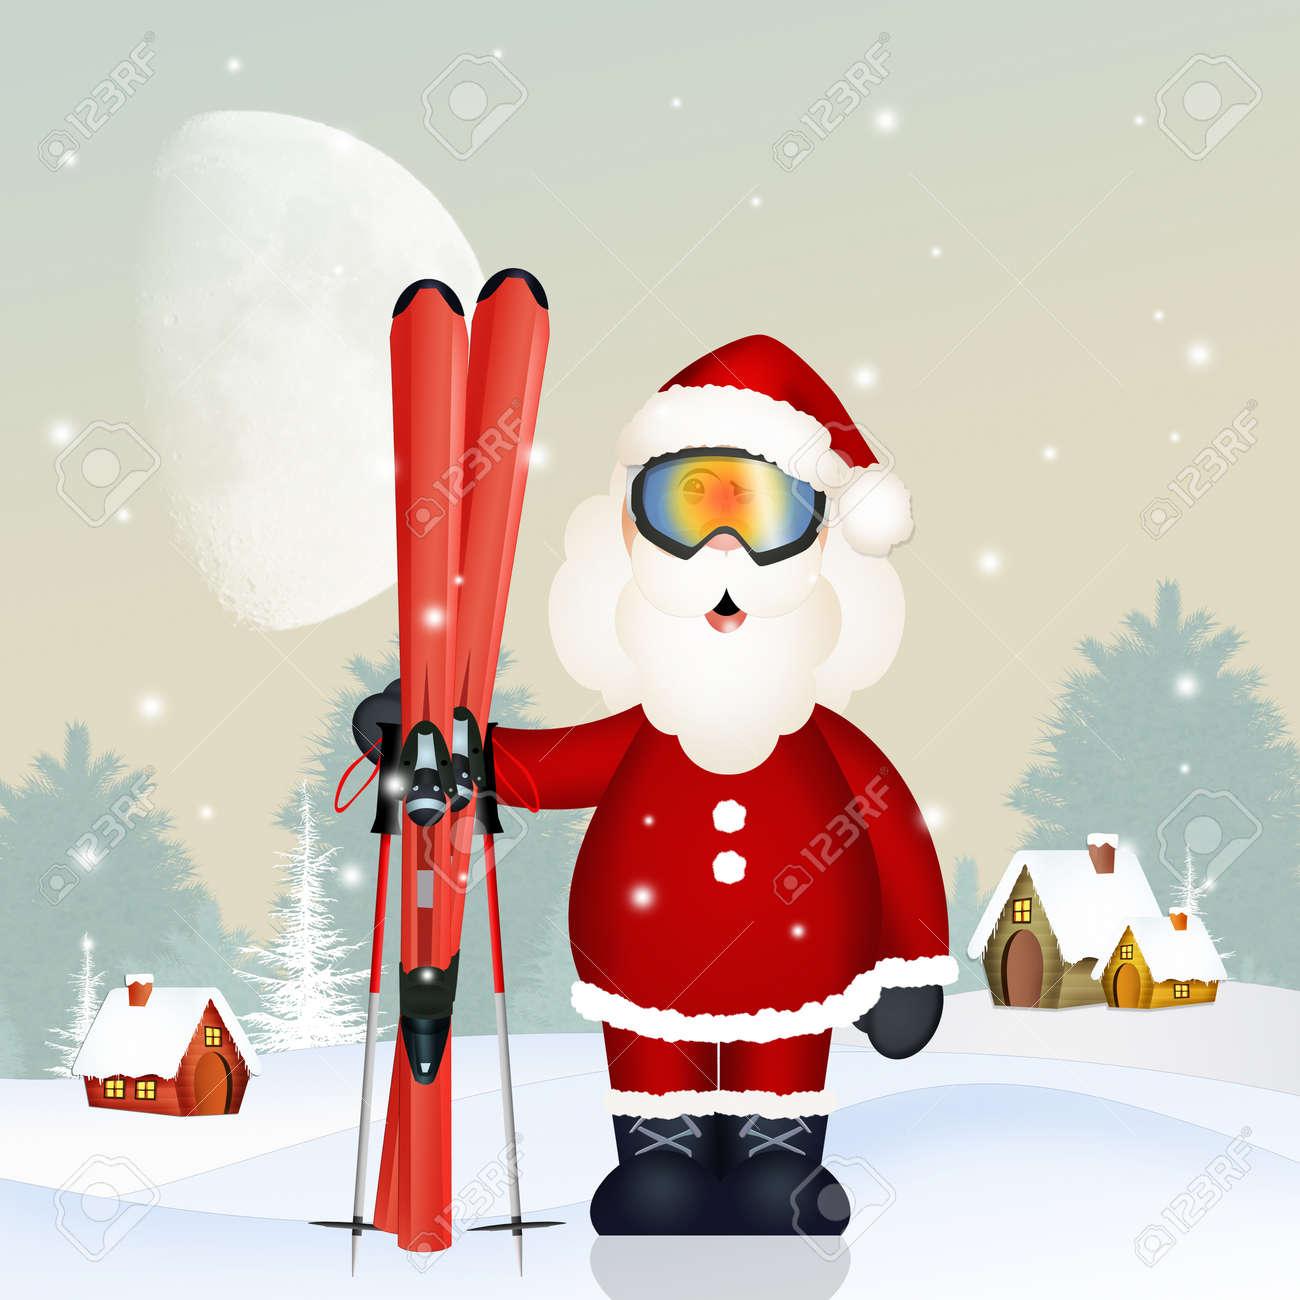 Image Pere Noel En Ski.Santa Claus With Ski